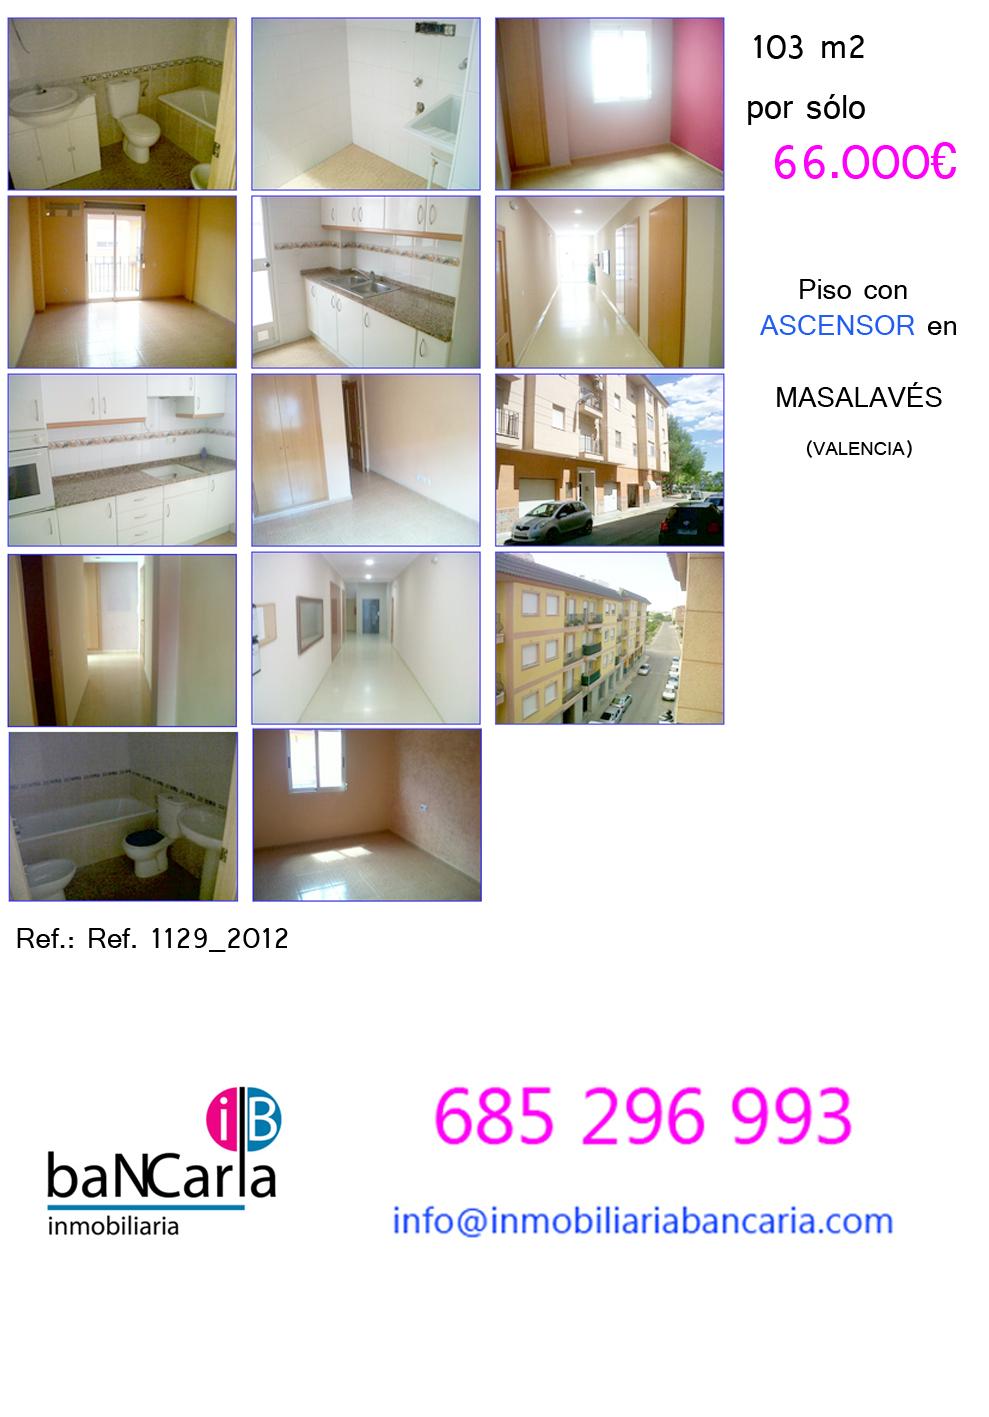 Fotos piso nuevo de banco en masalav s valencia 103 m2 ahora antes con - Pisos nuevos en valencia ...